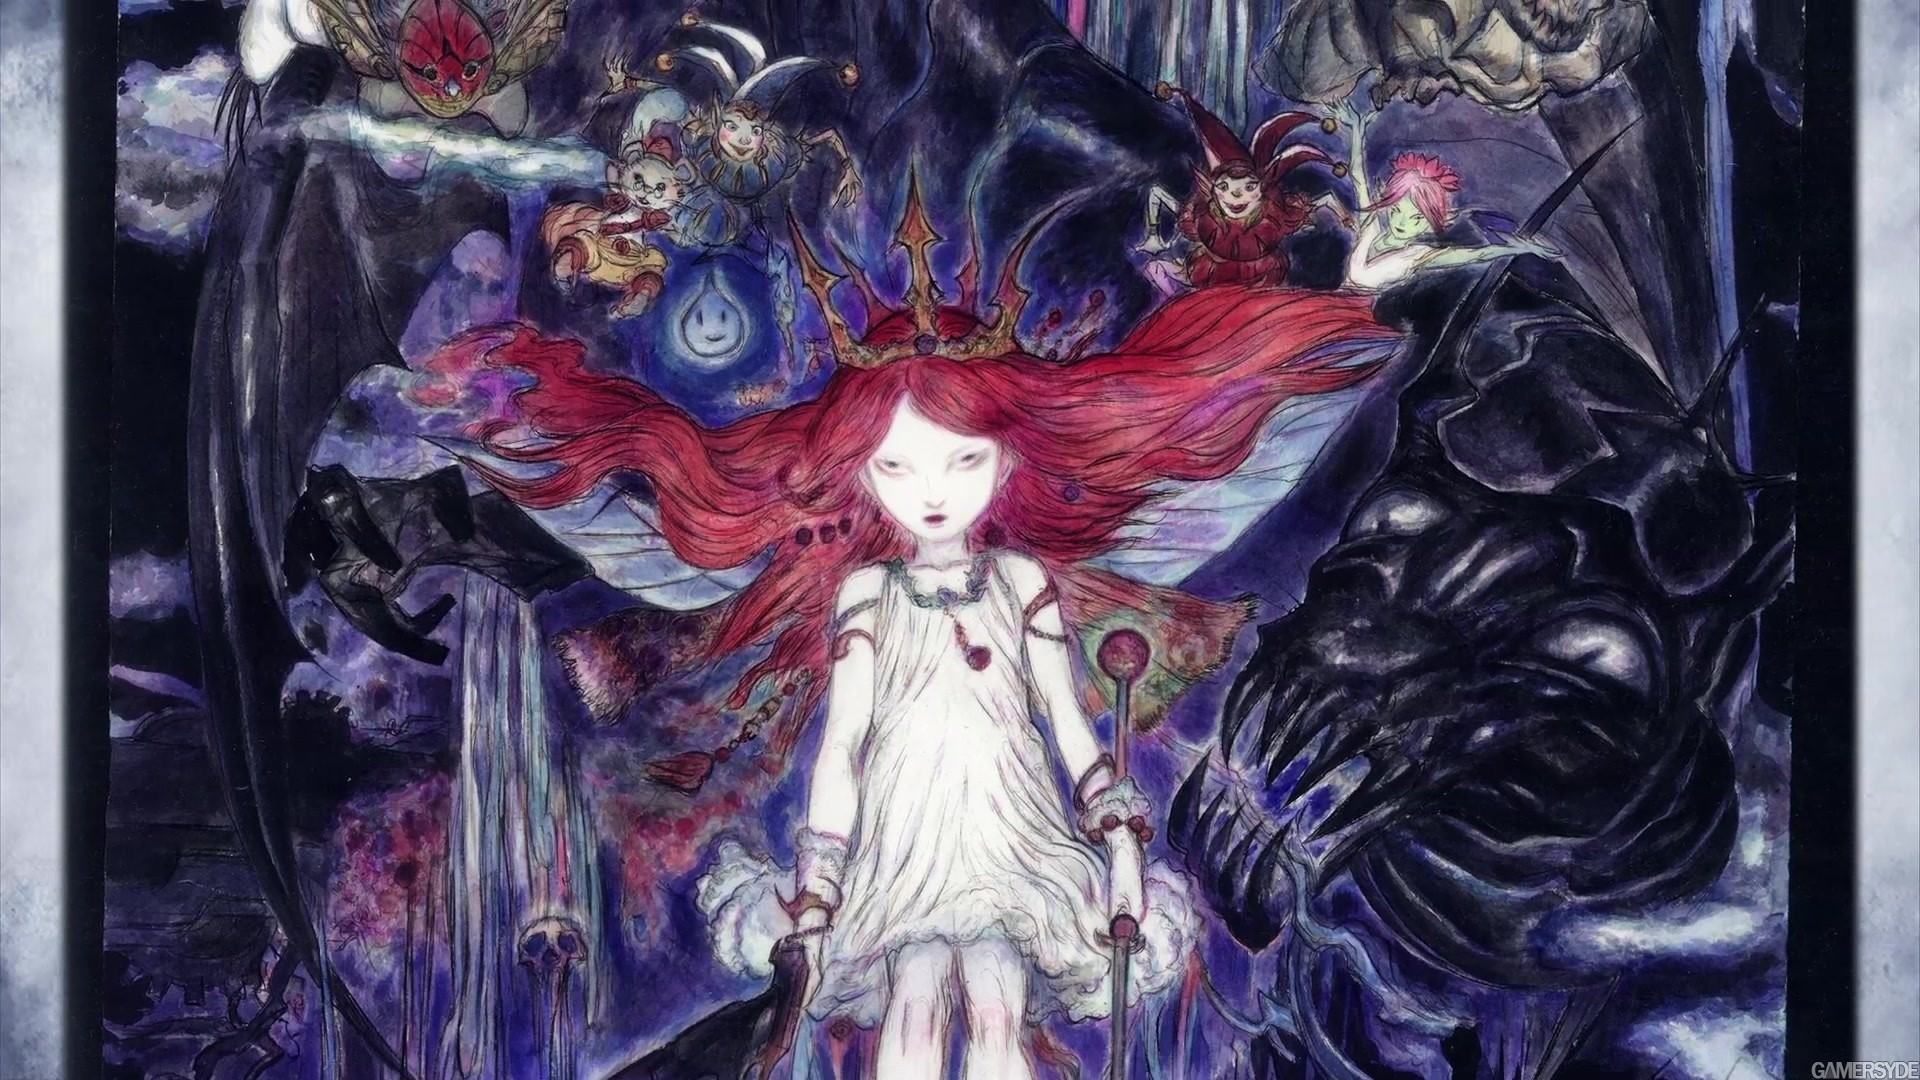 Galerie Child of Light – Fichier: Yoshitaka Amano (1920×1080) – 2014-04-07  21:29:15